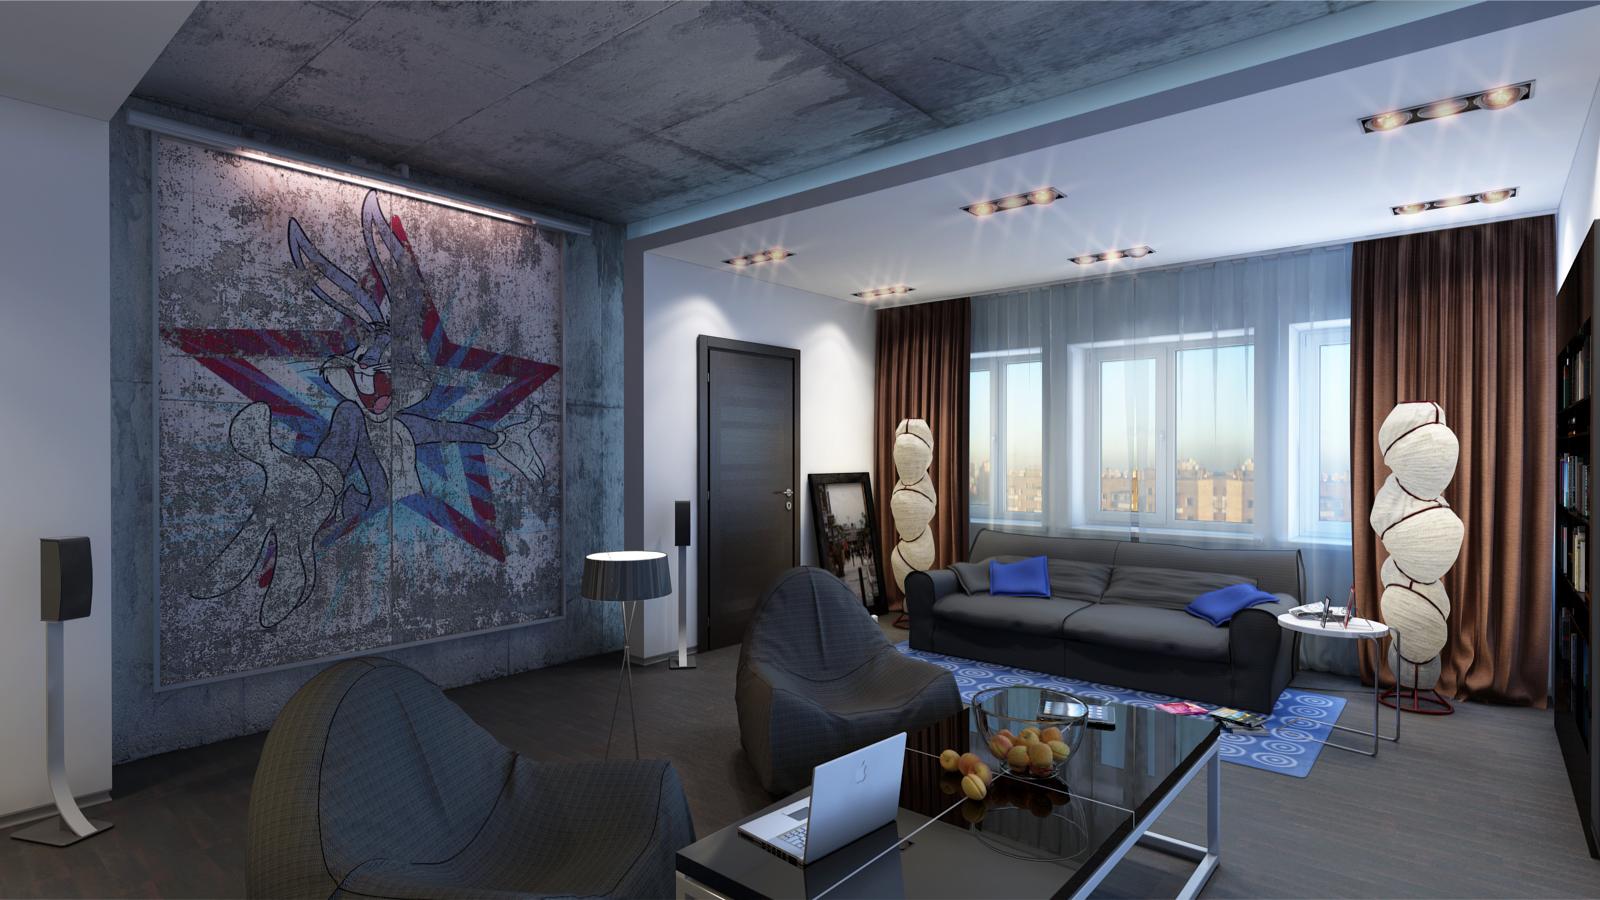 Оформление интерьера в стиле урбанизм